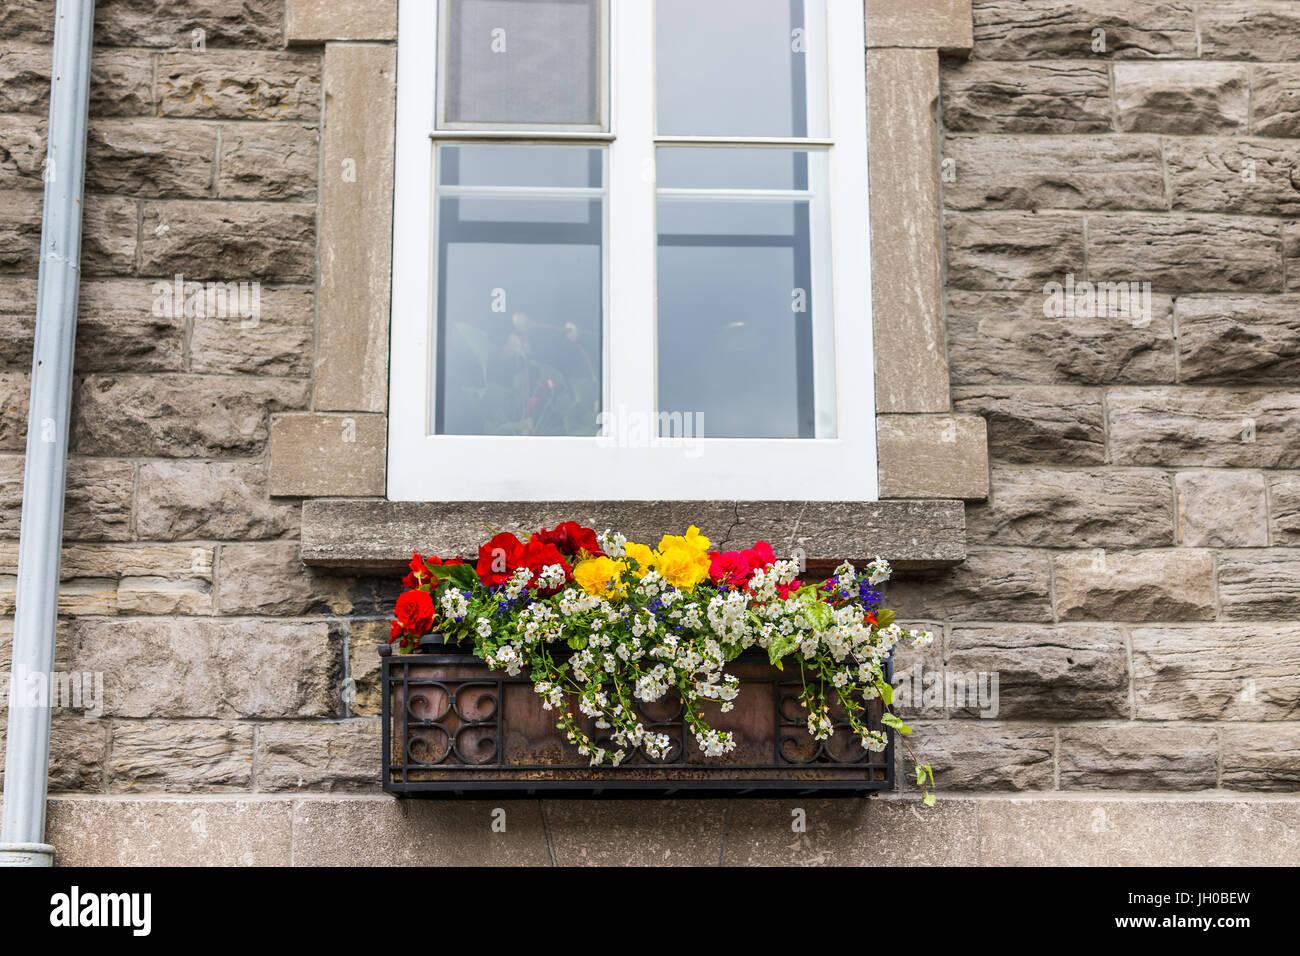 Blumen Korb Closeup Auf Fensterbank Außen Stein Ziegel Europäischen Gebäude